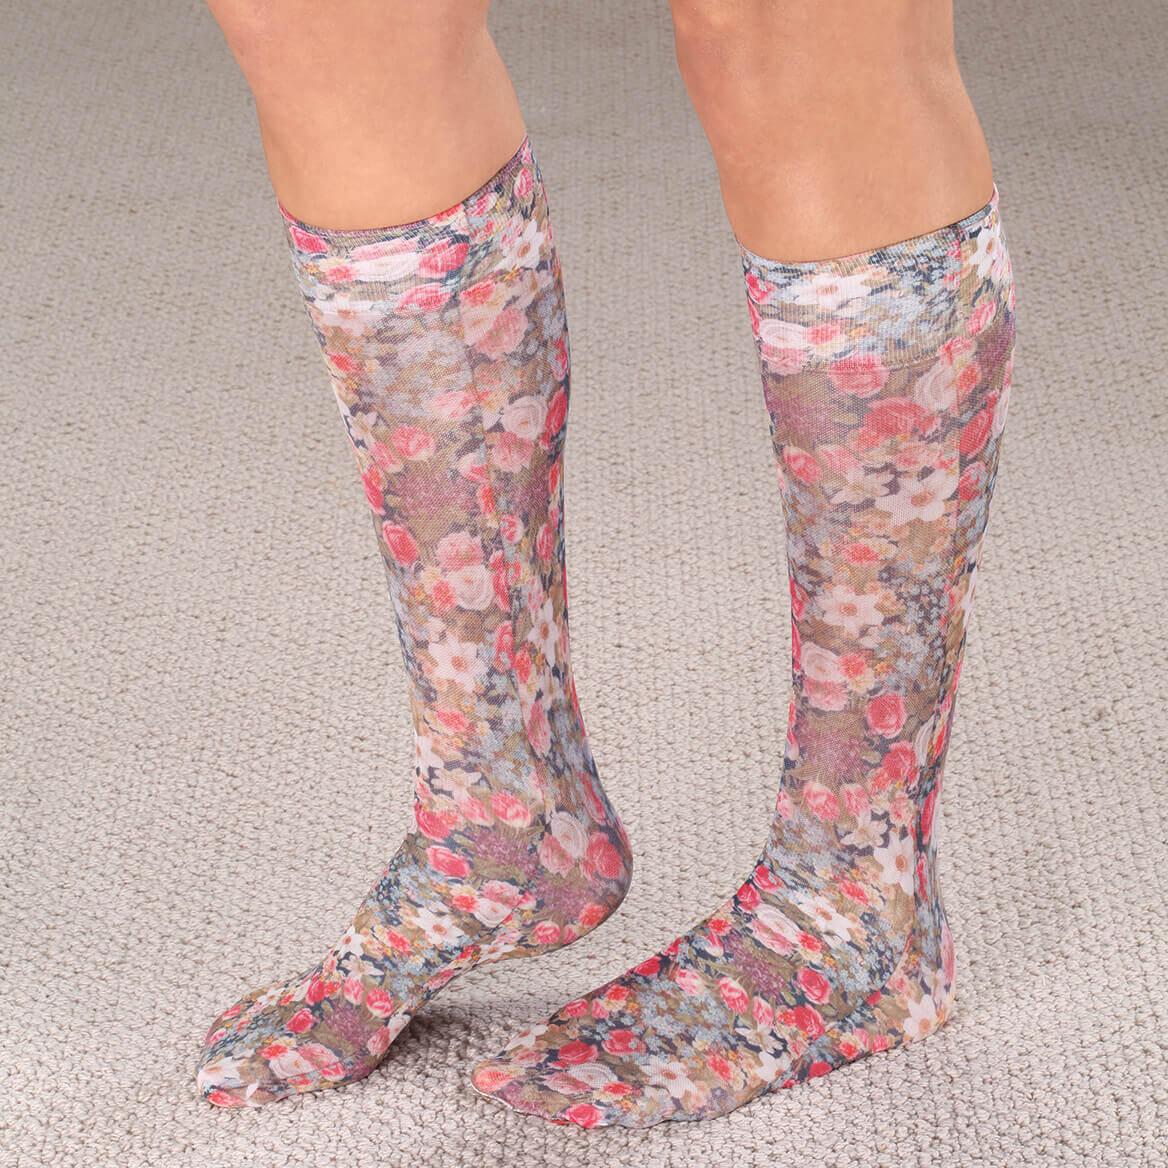 8ab678258a ... Celeste Stein Compression Socks, 15-20 mmHg-352878